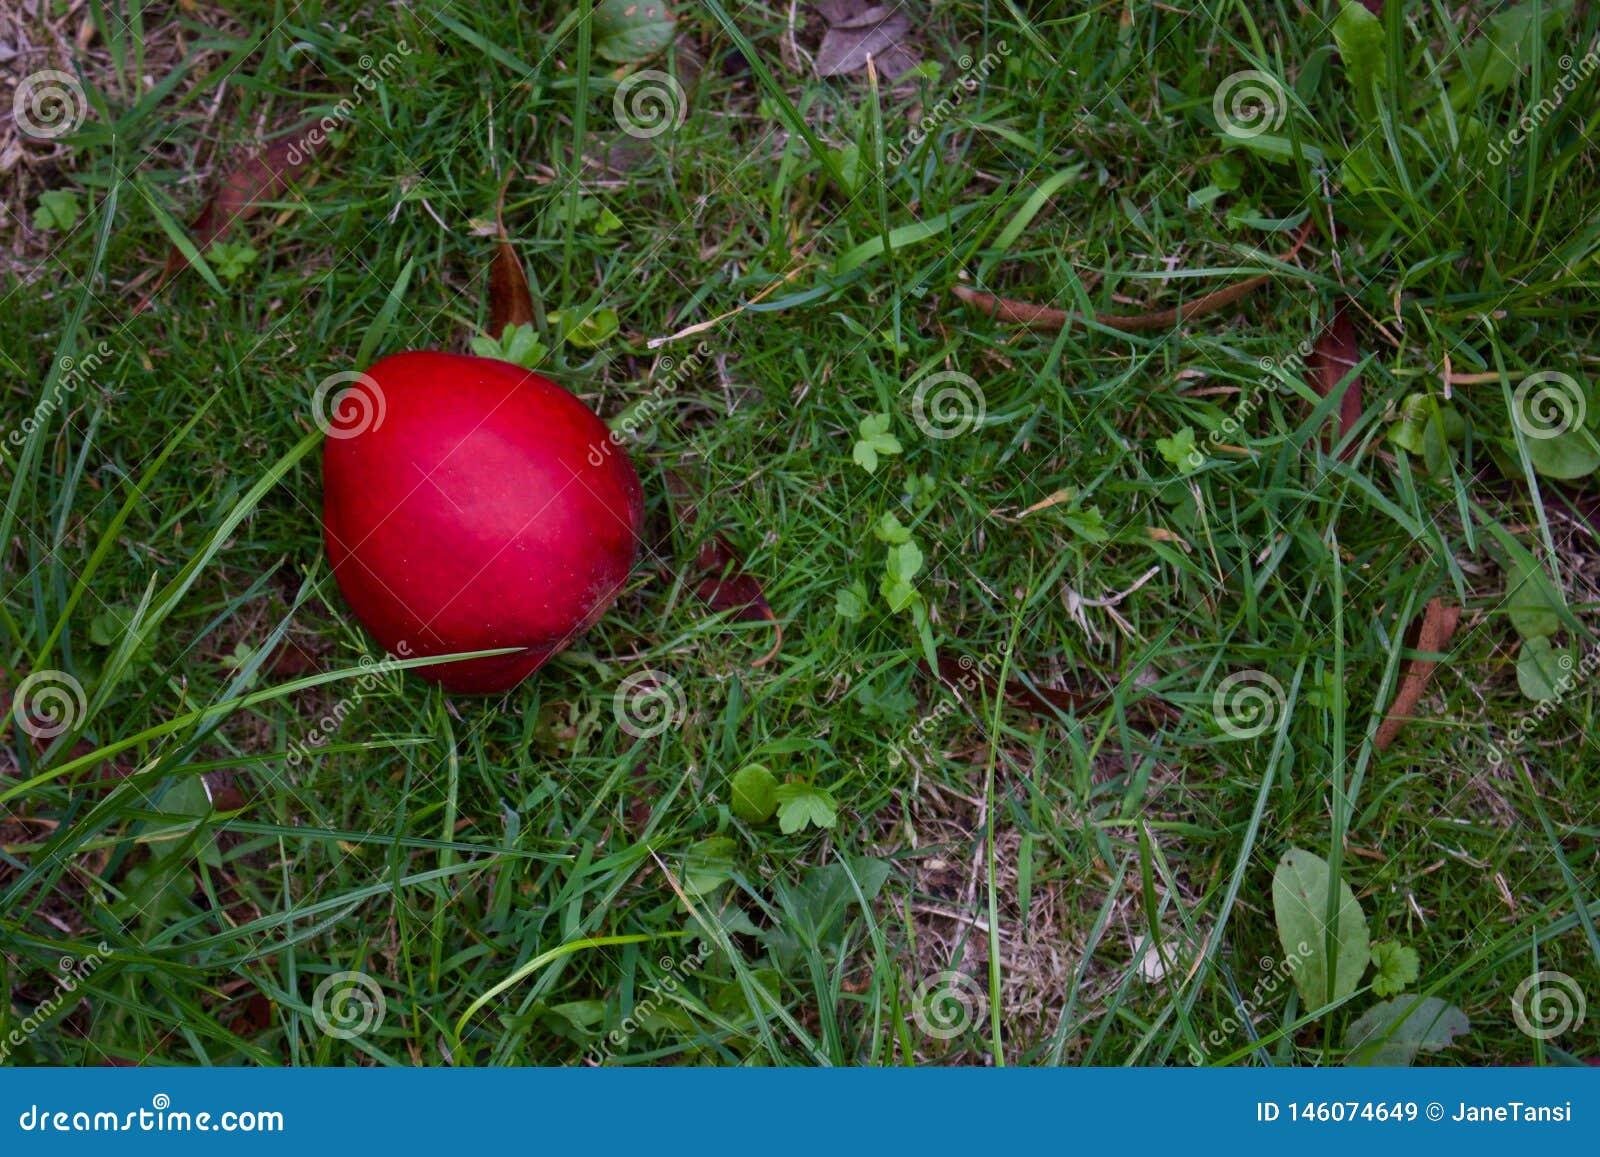 Η ενιαία κόκκινη Apple που βρίσκεται στην τραχιά χλόη το φθινόπωρο - εικόνα